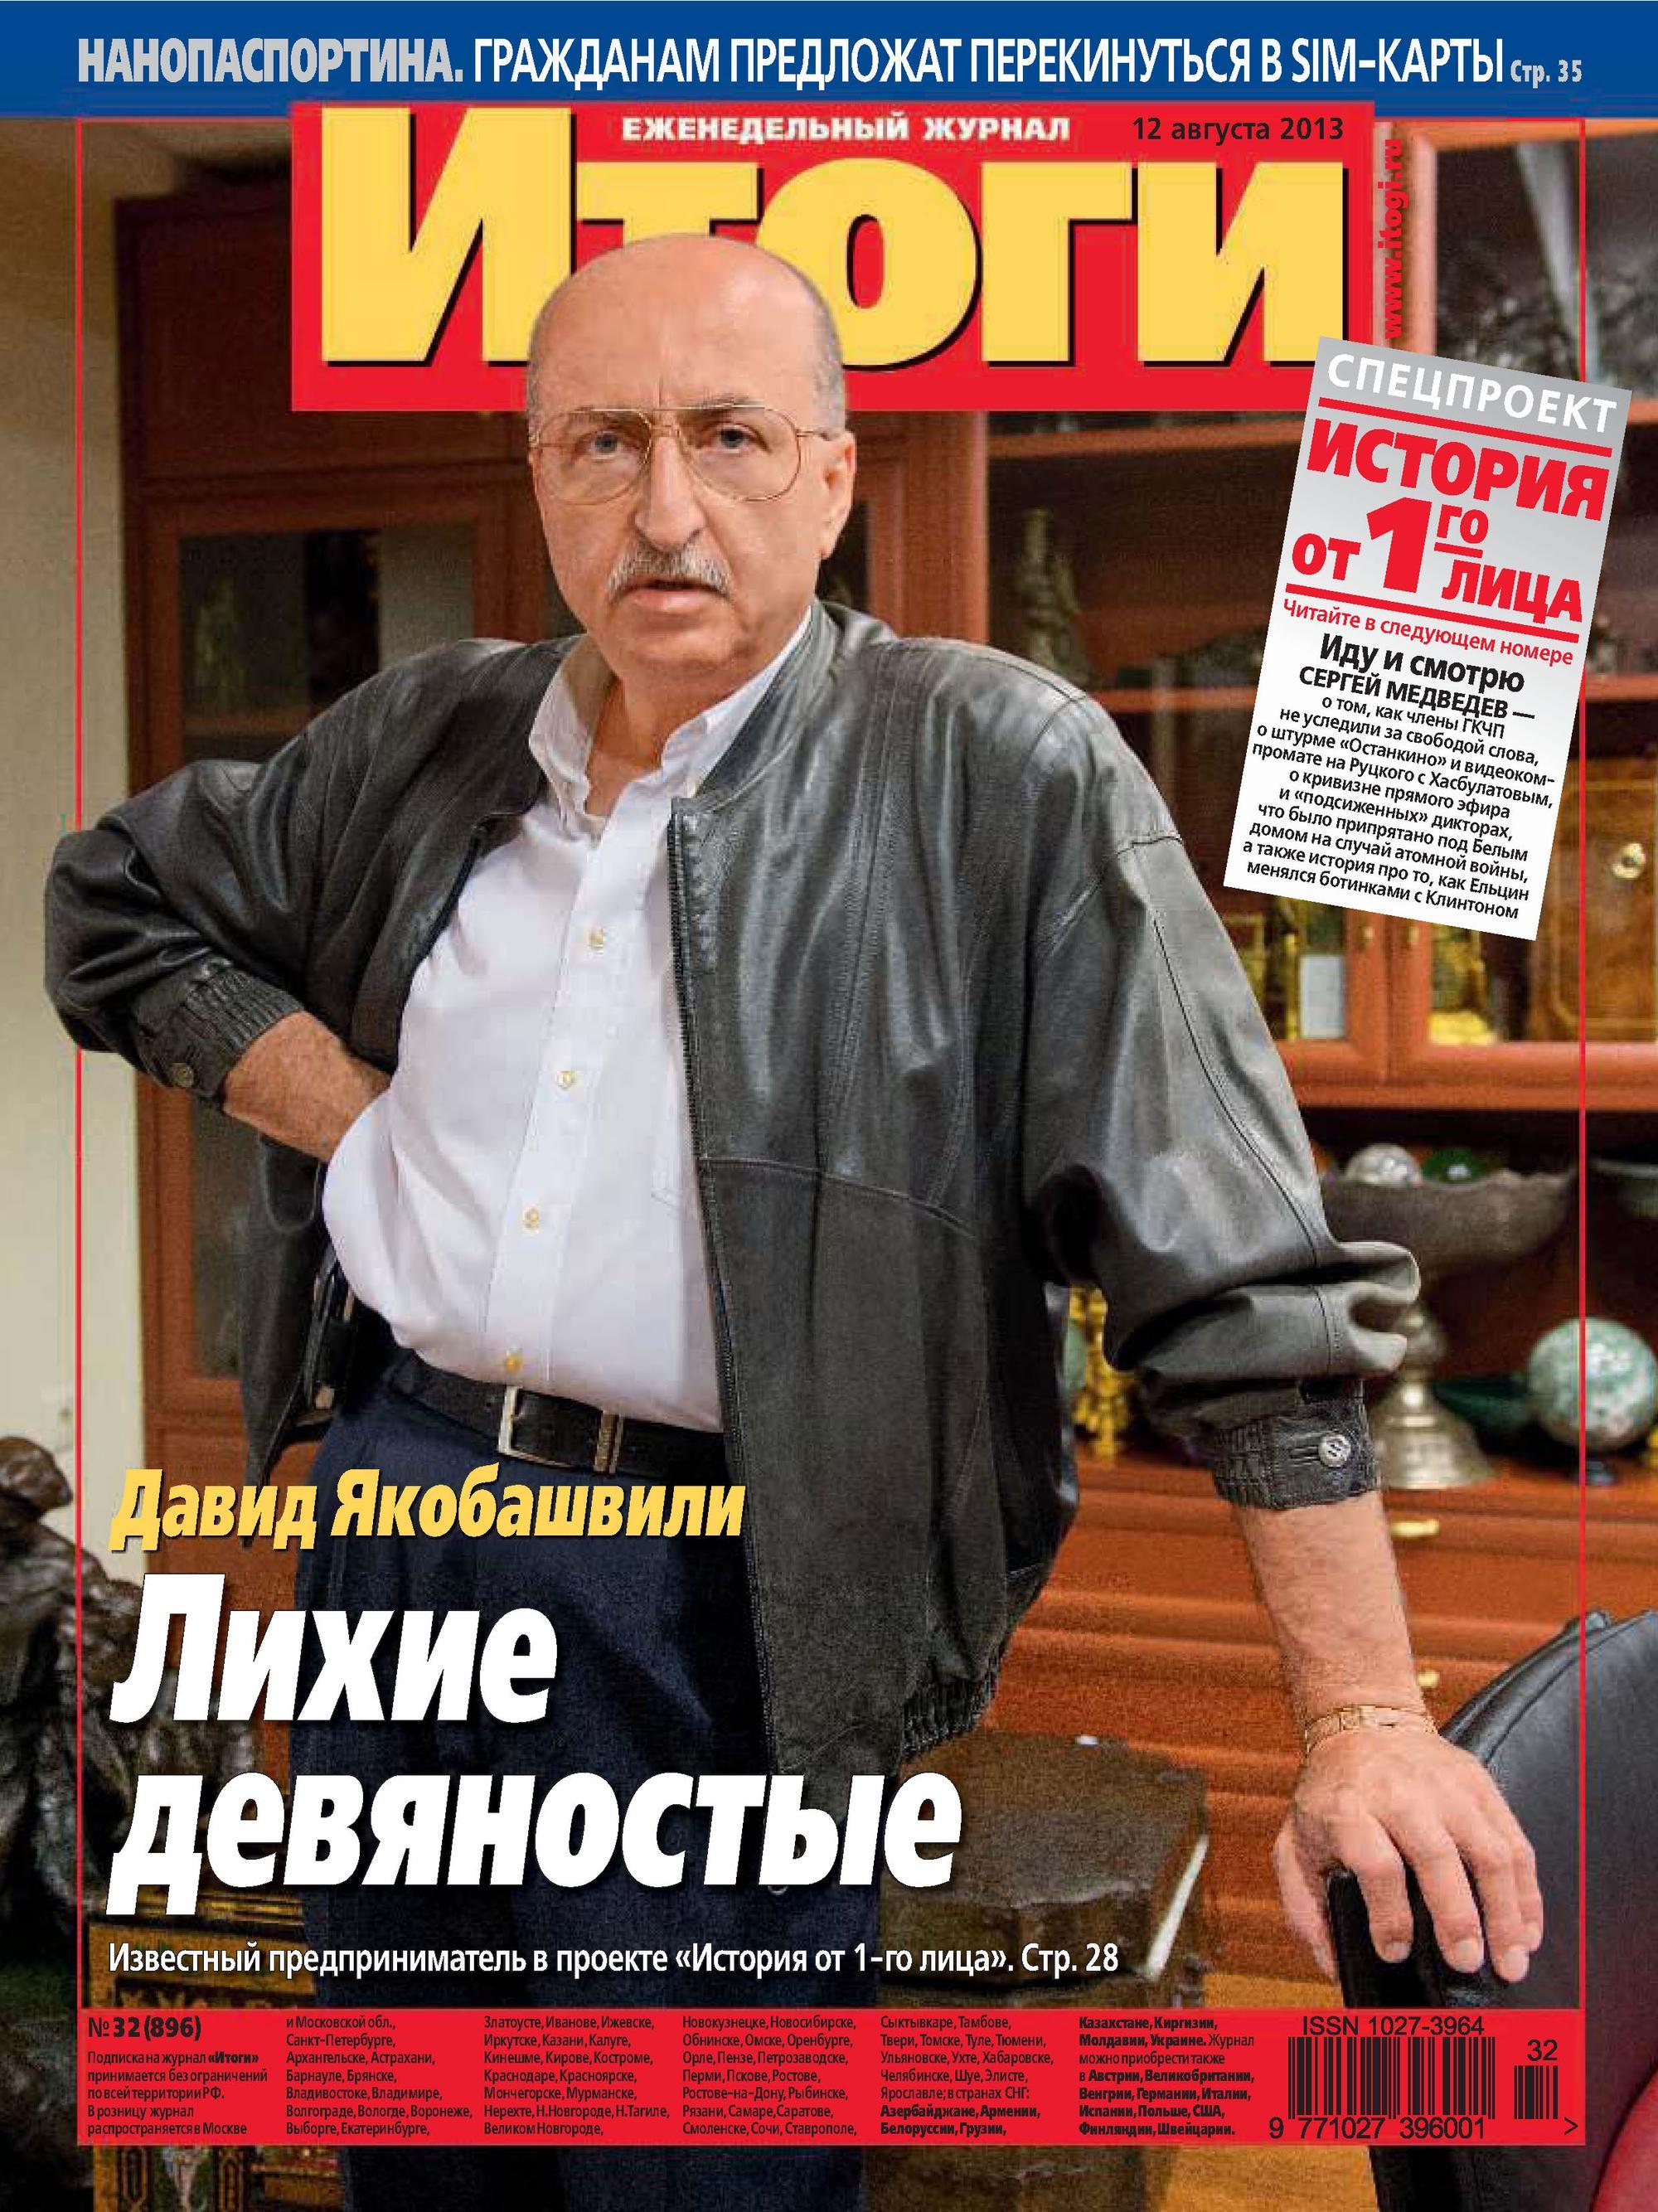 Отсутствует Журнал «Итоги» №32 (896) 2013 отсутствует журнал итоги 32 896 2013